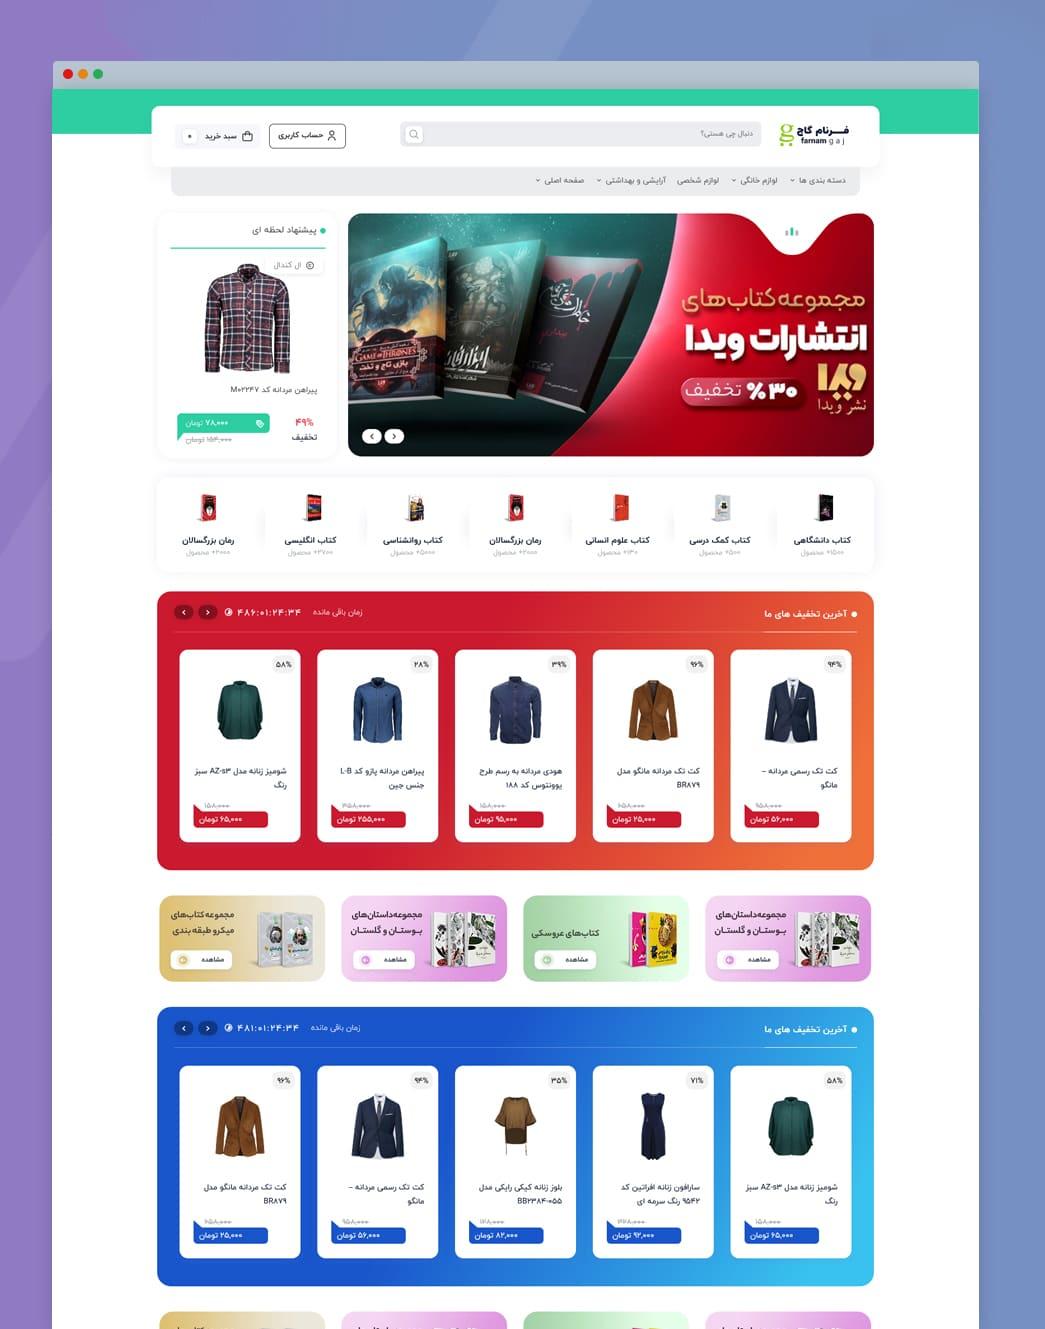 قالب فروشگاهی ووکامرس ایران کالا راستچین - صفحه اصلی گاج مارکت